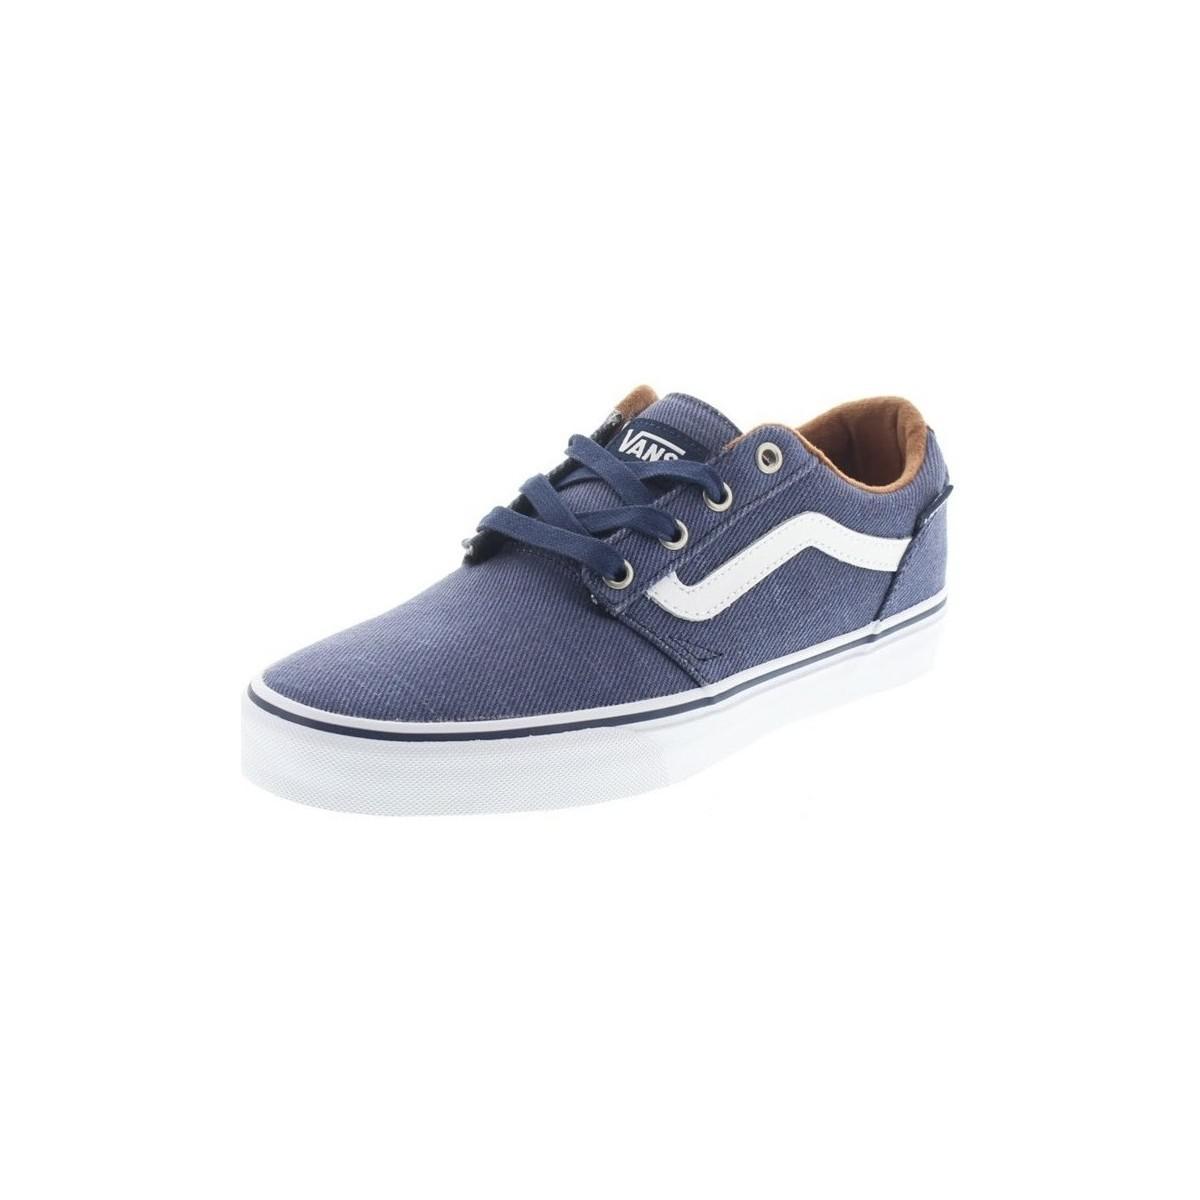 1fe90d437e0af7 Vans Chapman Men s Shoes (trainers) In Multicolour in Blue for Men ...